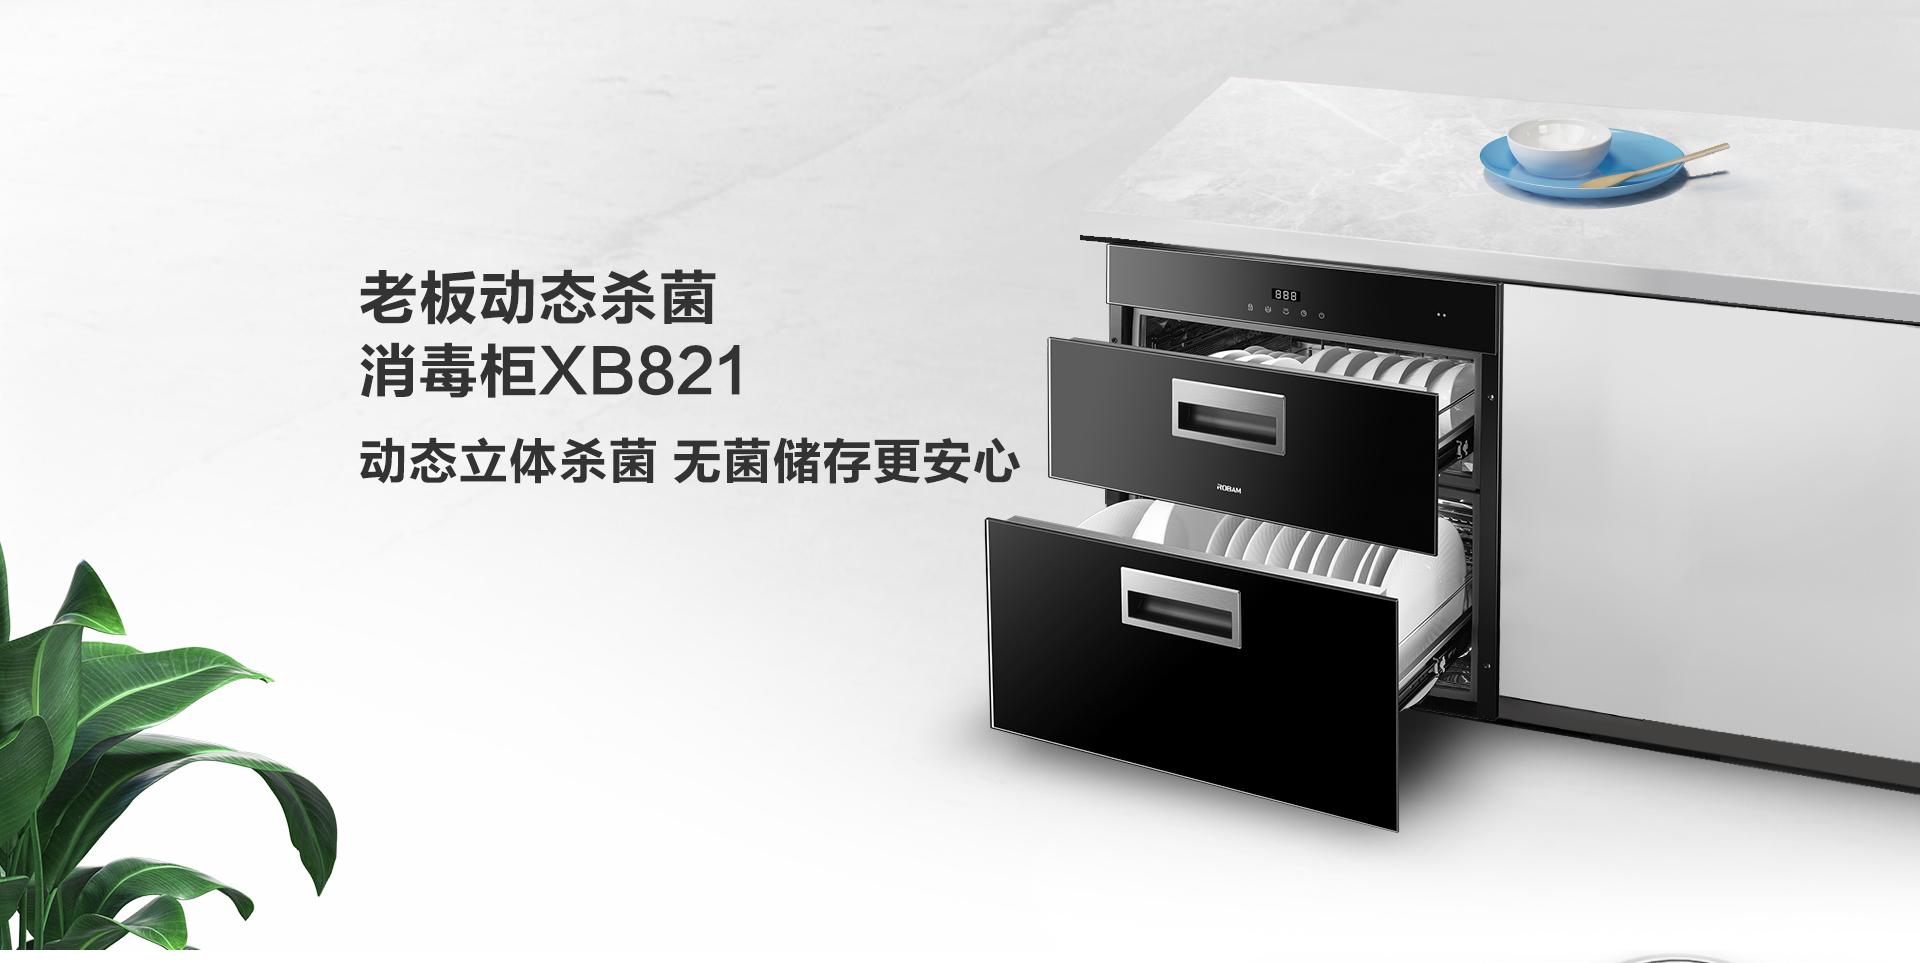 XB821消毒柜-上新-PC端-201116_01.jpg